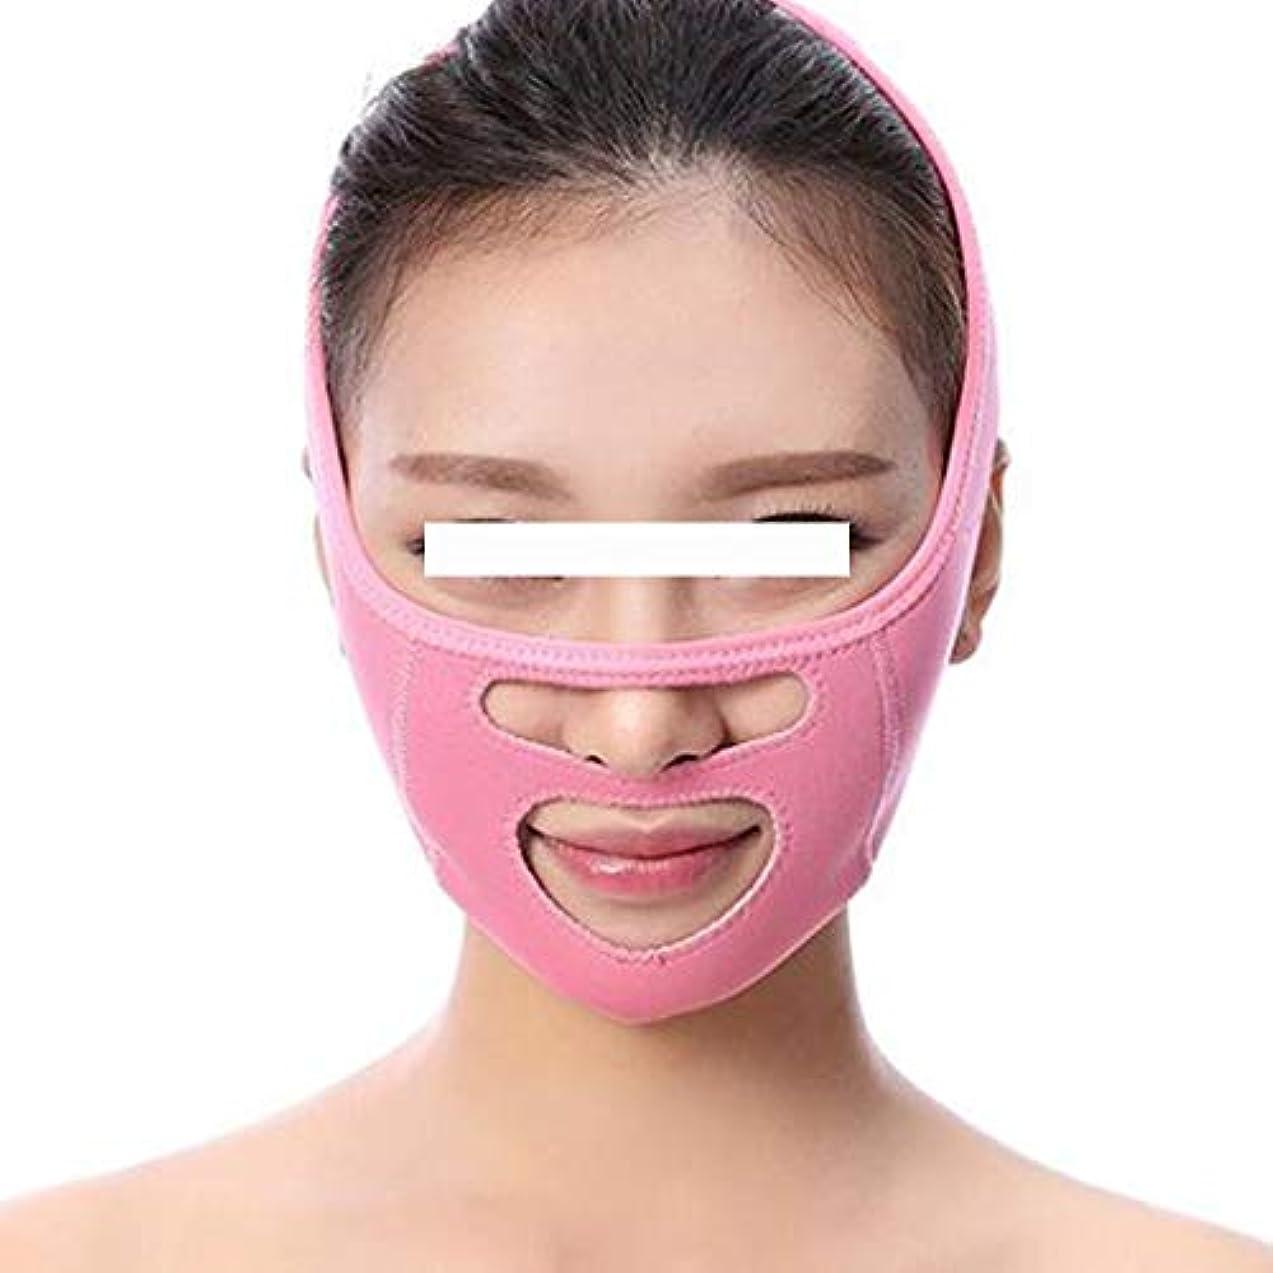 欲求不満再集計アーティスト人気のVフェイスマスク - 睡眠小顔美容フェイス包帯 - Decreeダブルチンvフェイスに移動